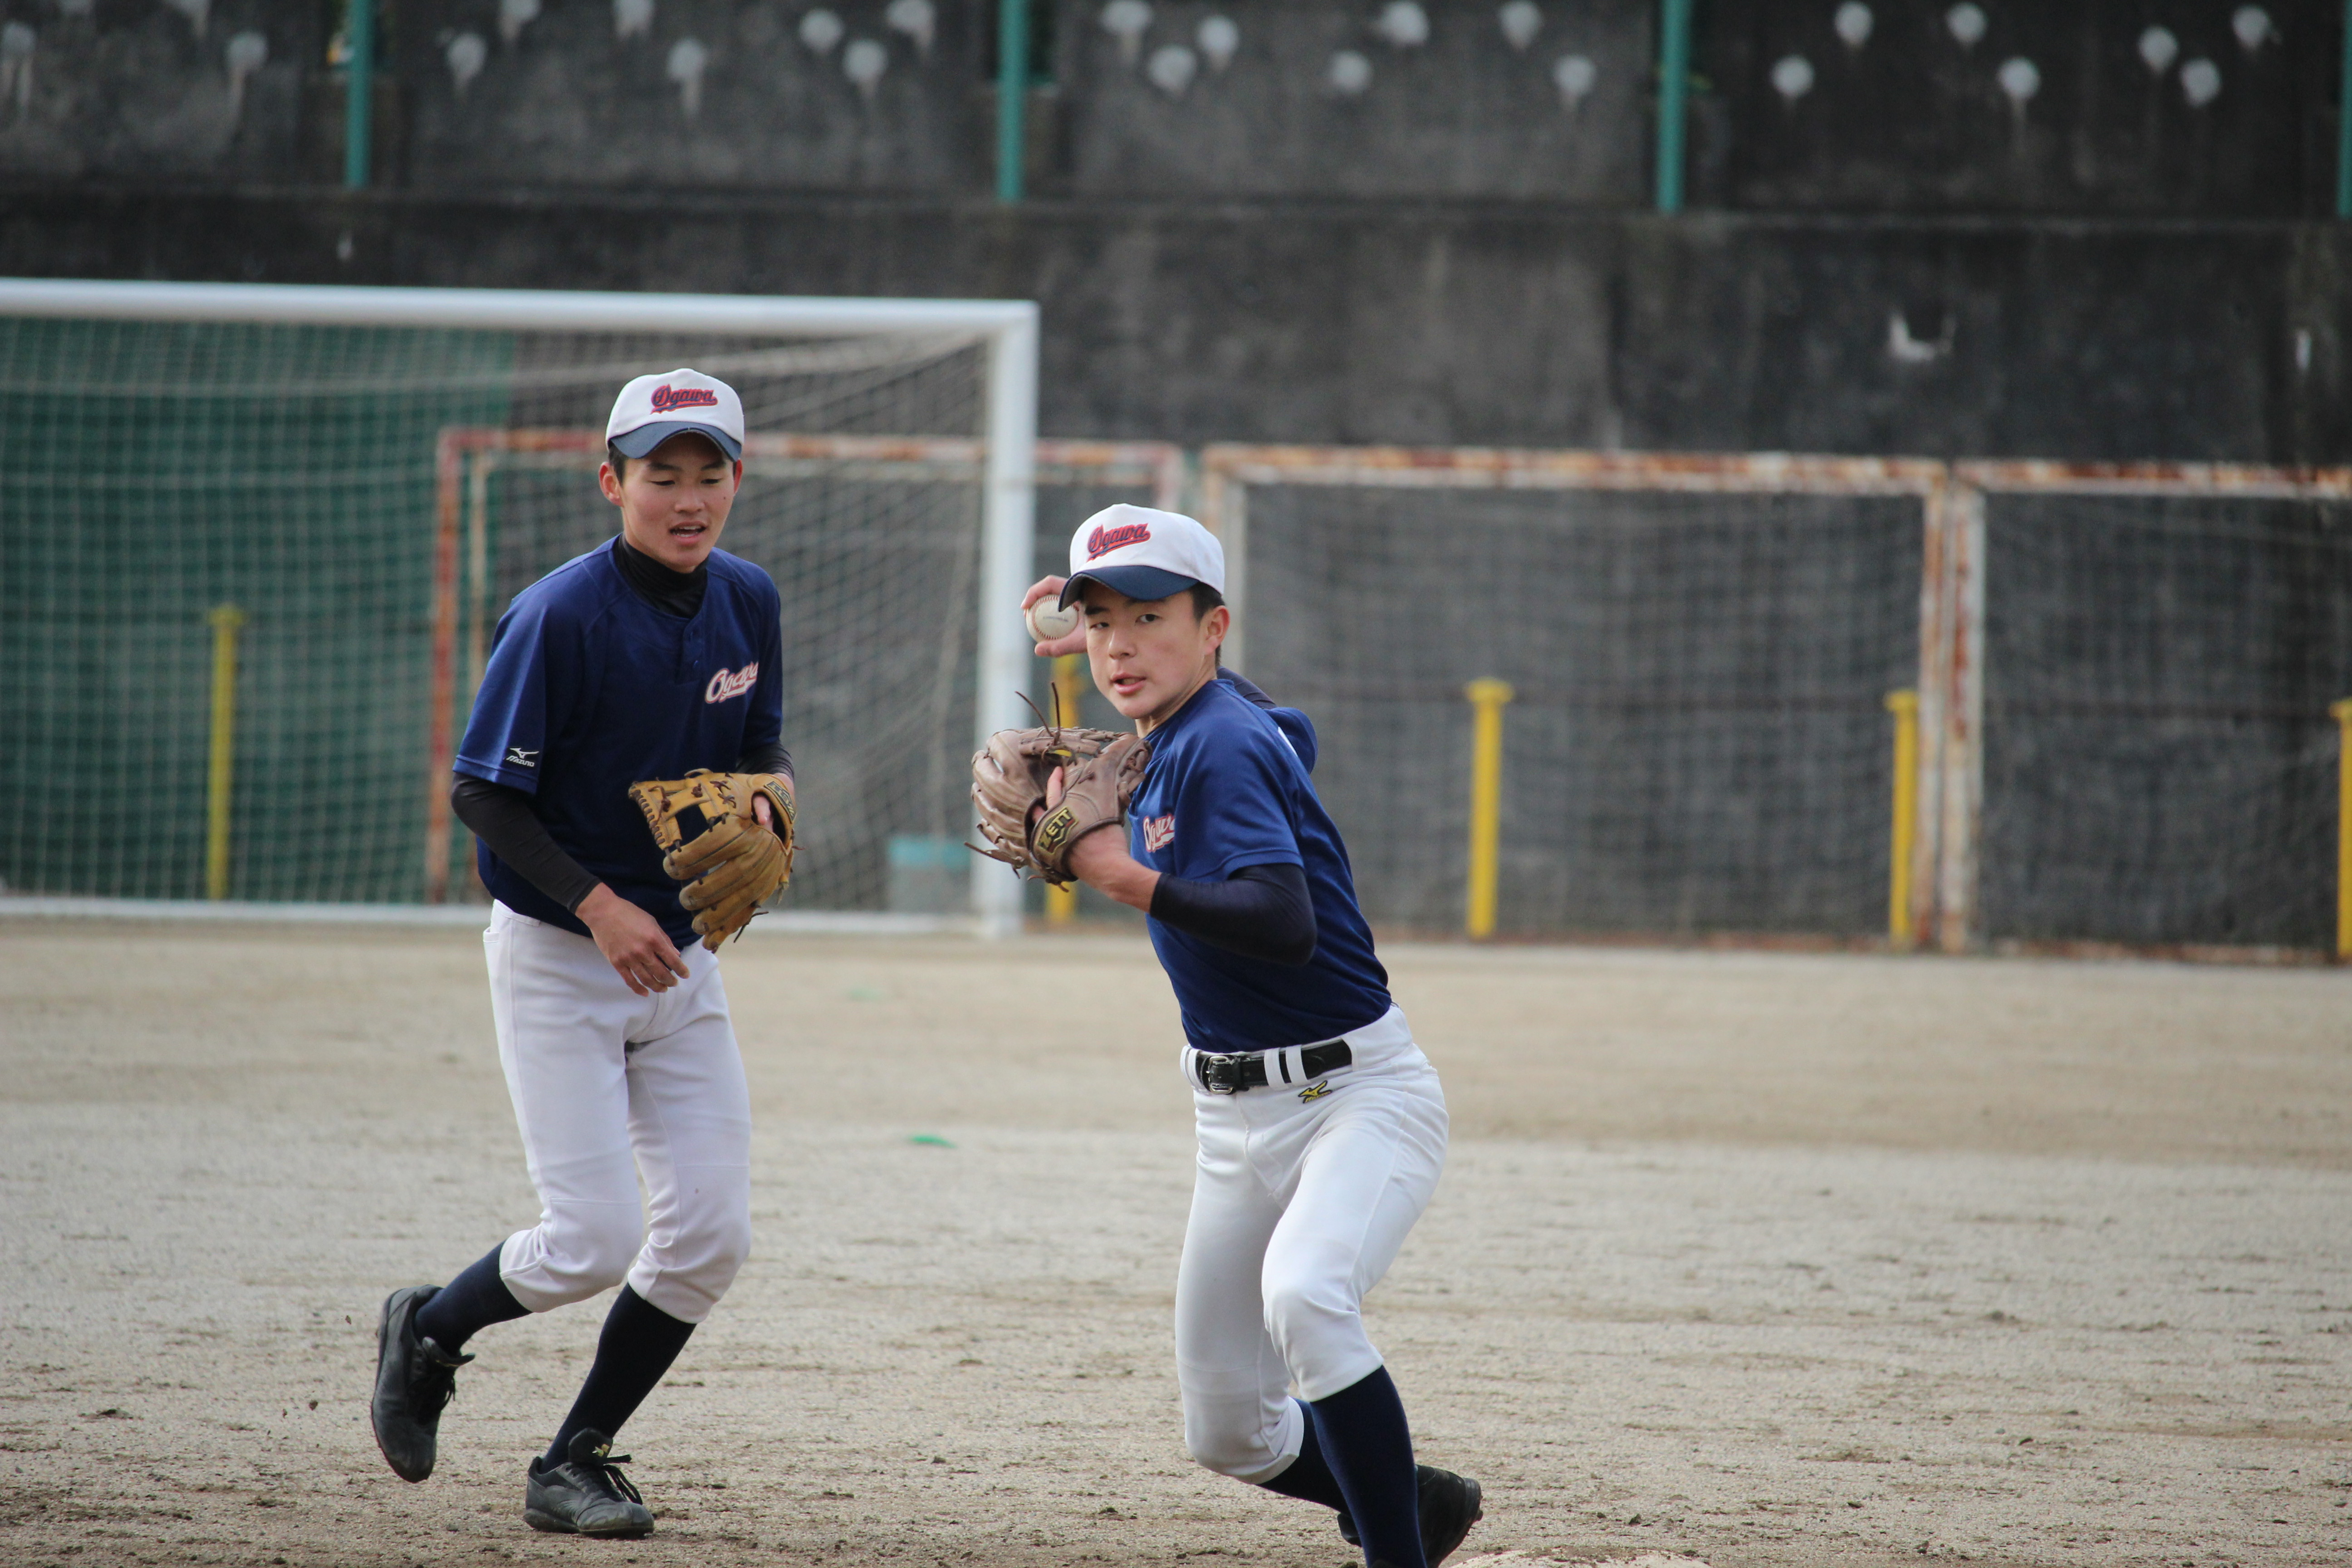 【小川 野球部】内野のボール回し